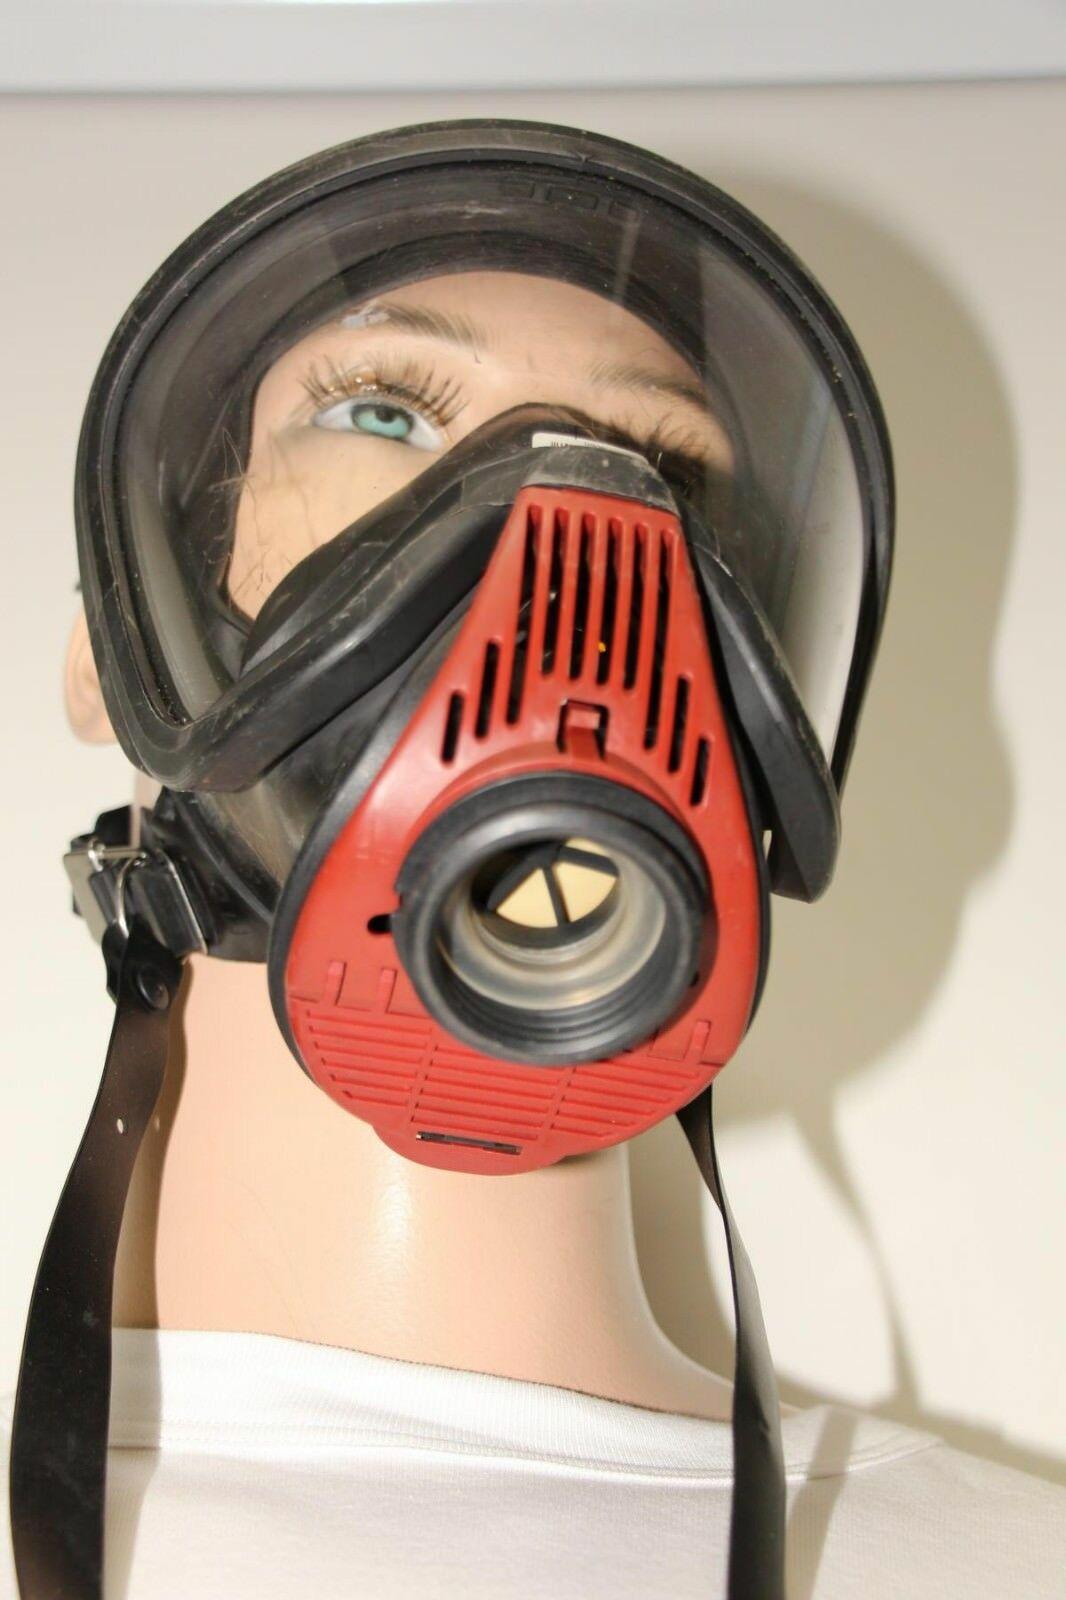 Auer-MSA-Ultra-Elite-Atemschutzmaske-Schutzmaske-Uberdruck-Steckanschluss Indexbild 2